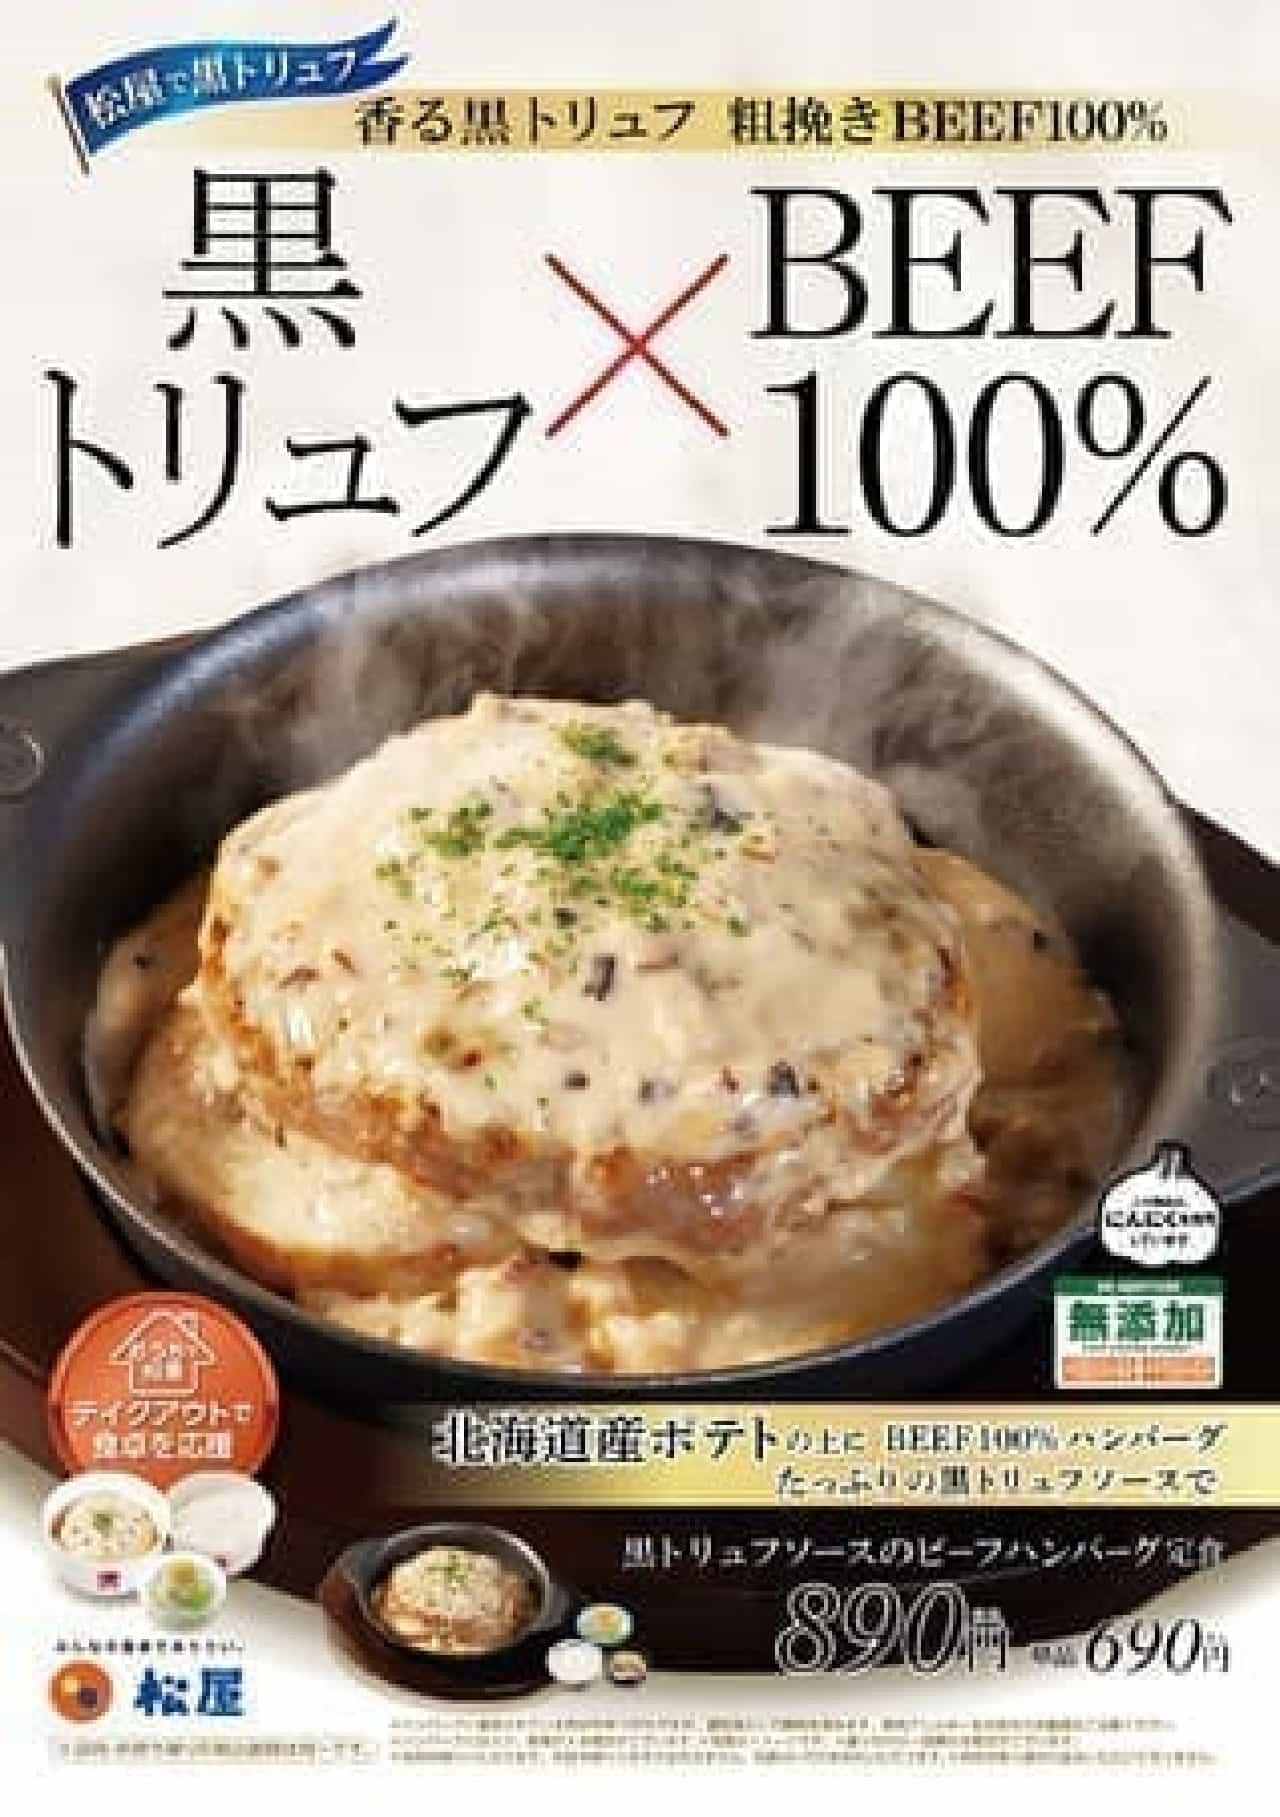 松屋「黒トリュフソースのビーフハンバーグ定食」